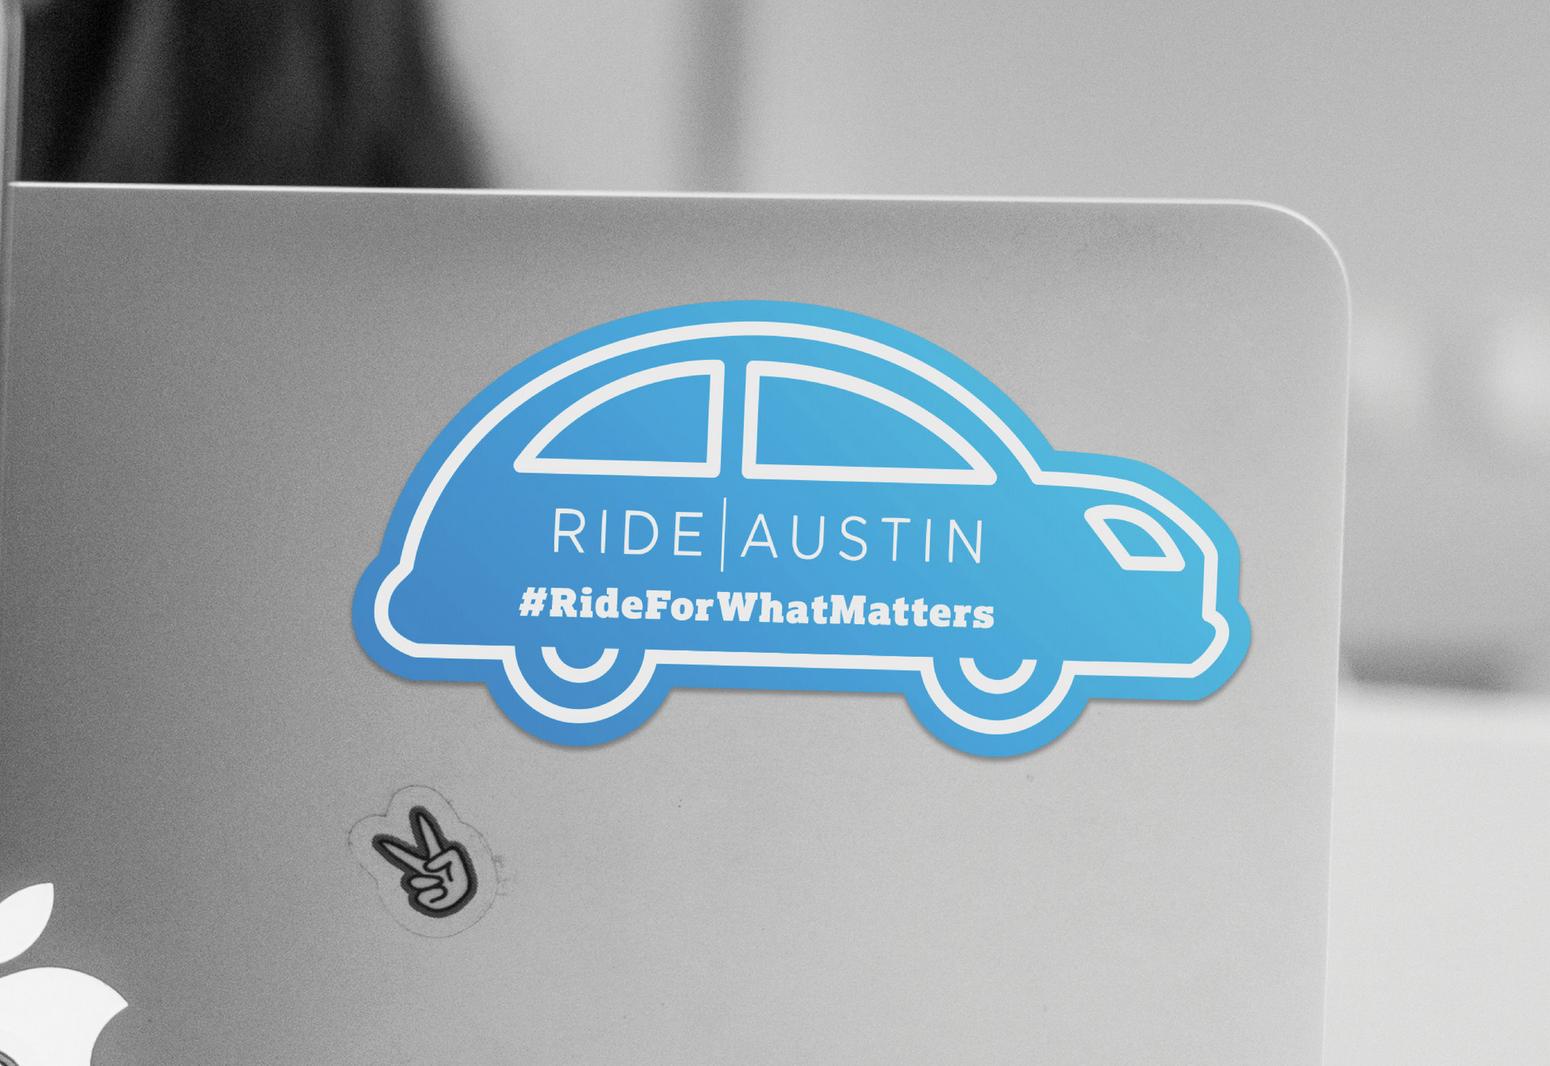 Ride Austin   #RideForWhatMatters